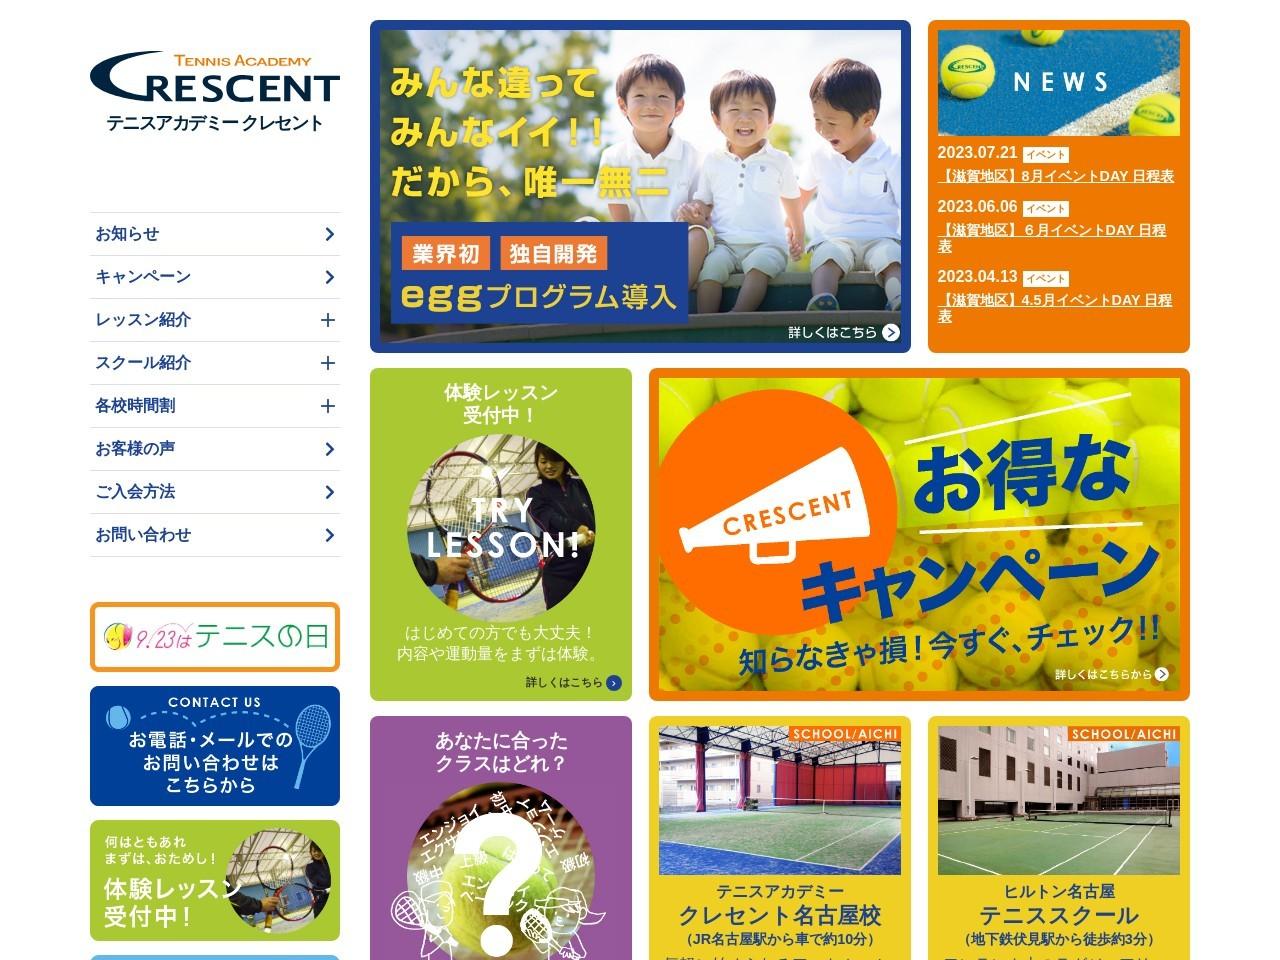 テニスアカデミークレセント草津